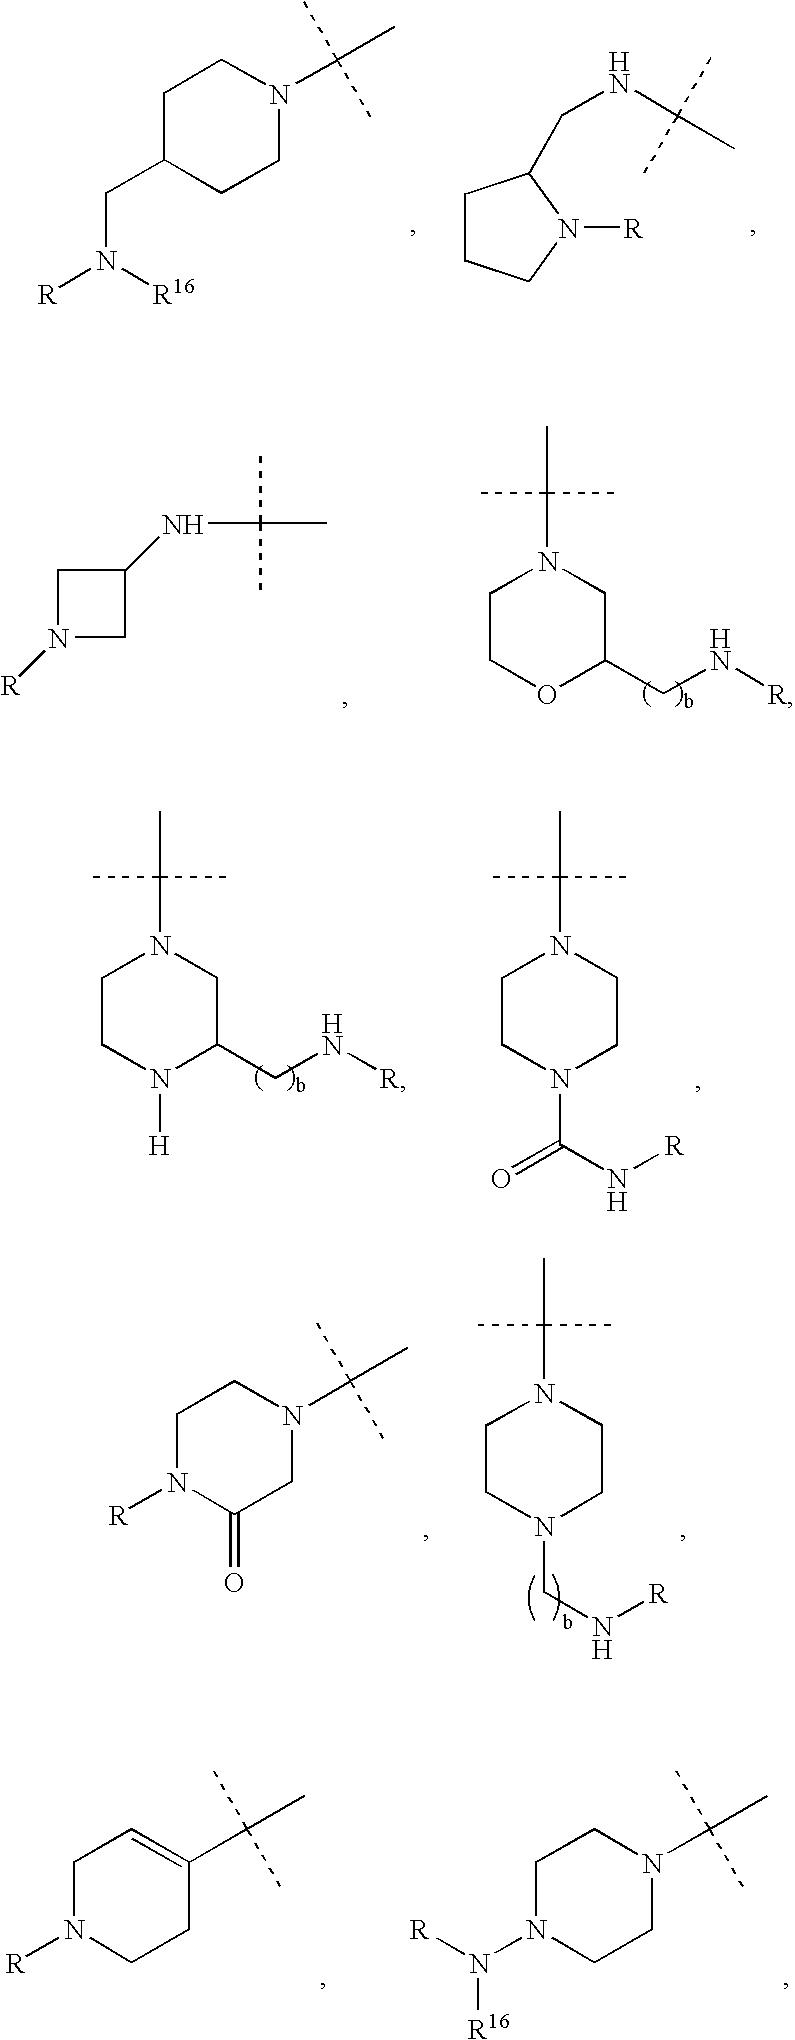 Figure US20050234033A1-20051020-C00003